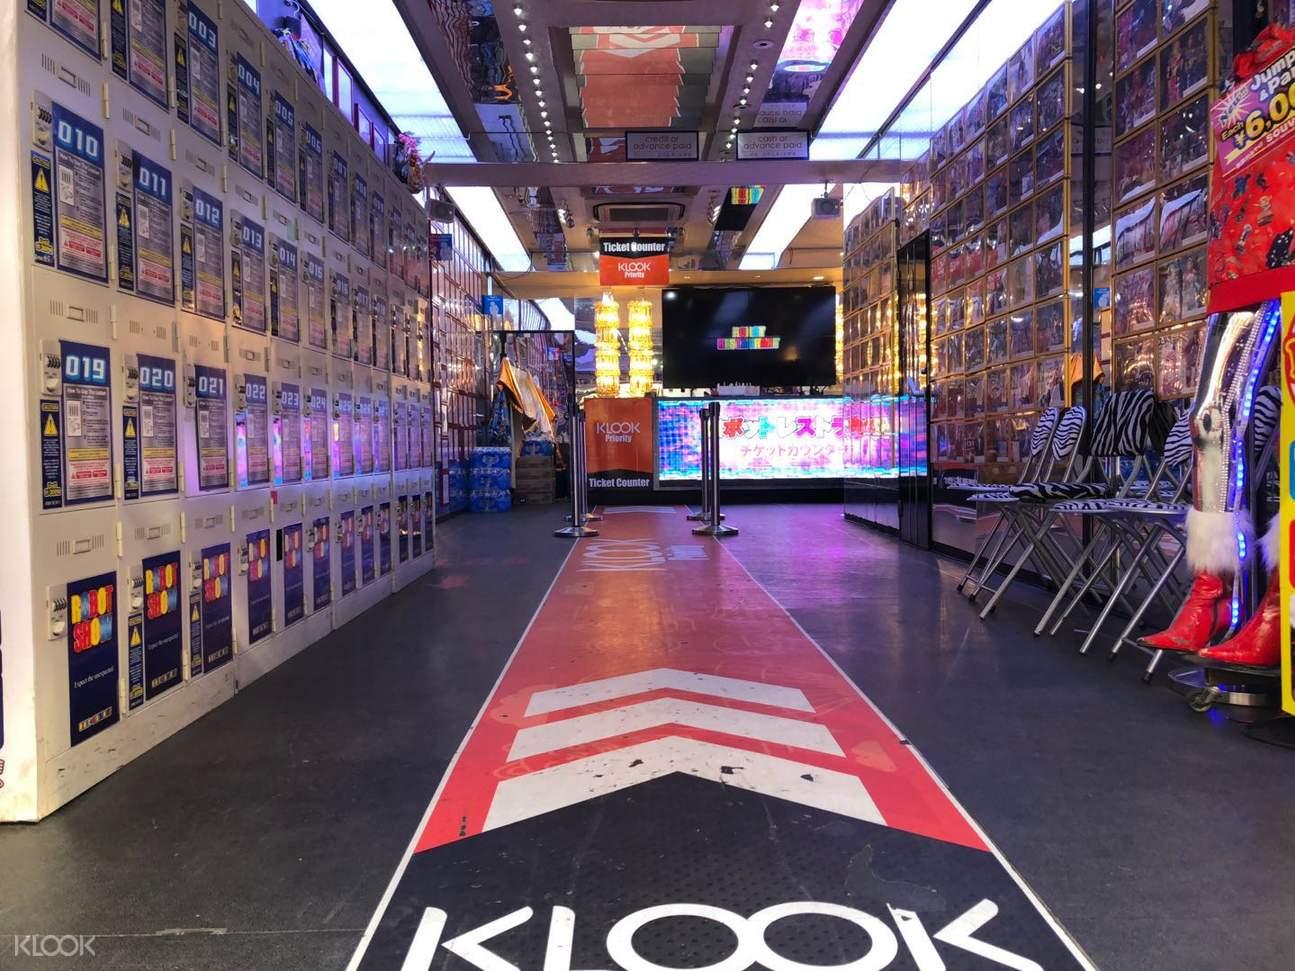 tokyo robot restaurant klook priority lane